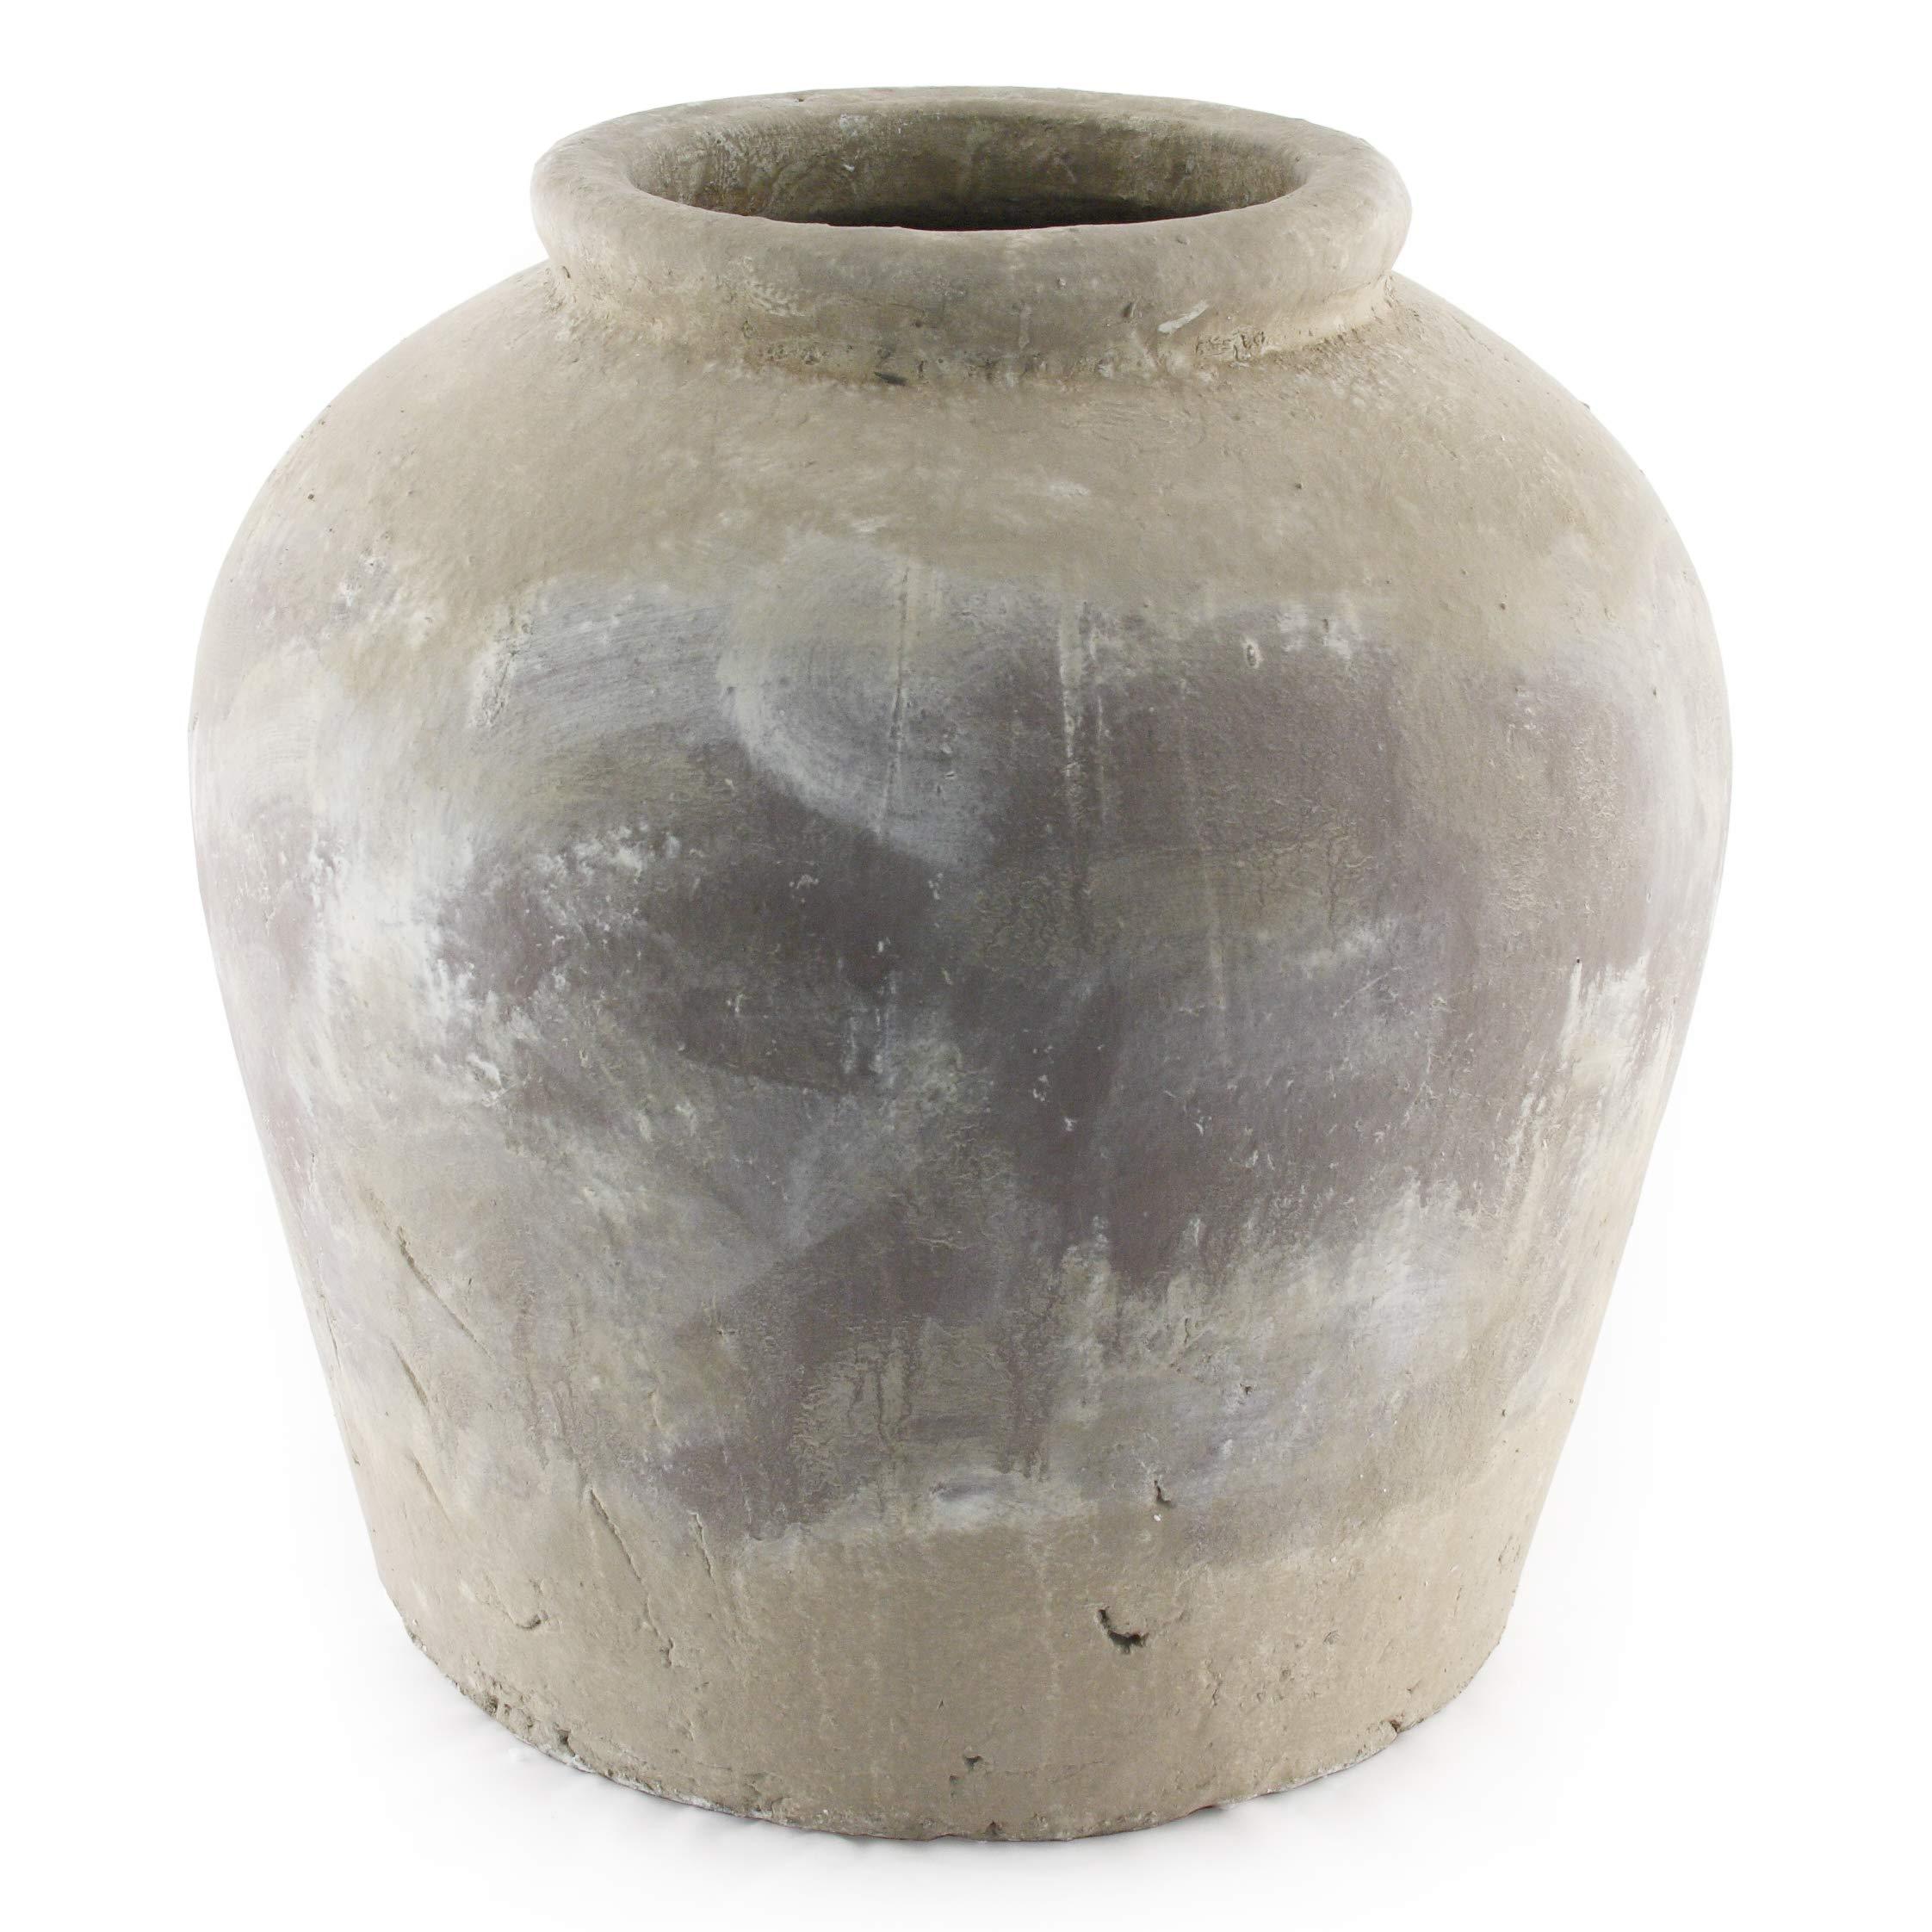 Zentique 4869L A292 Min. Qty. 1 Jar Distressed Olive Brown